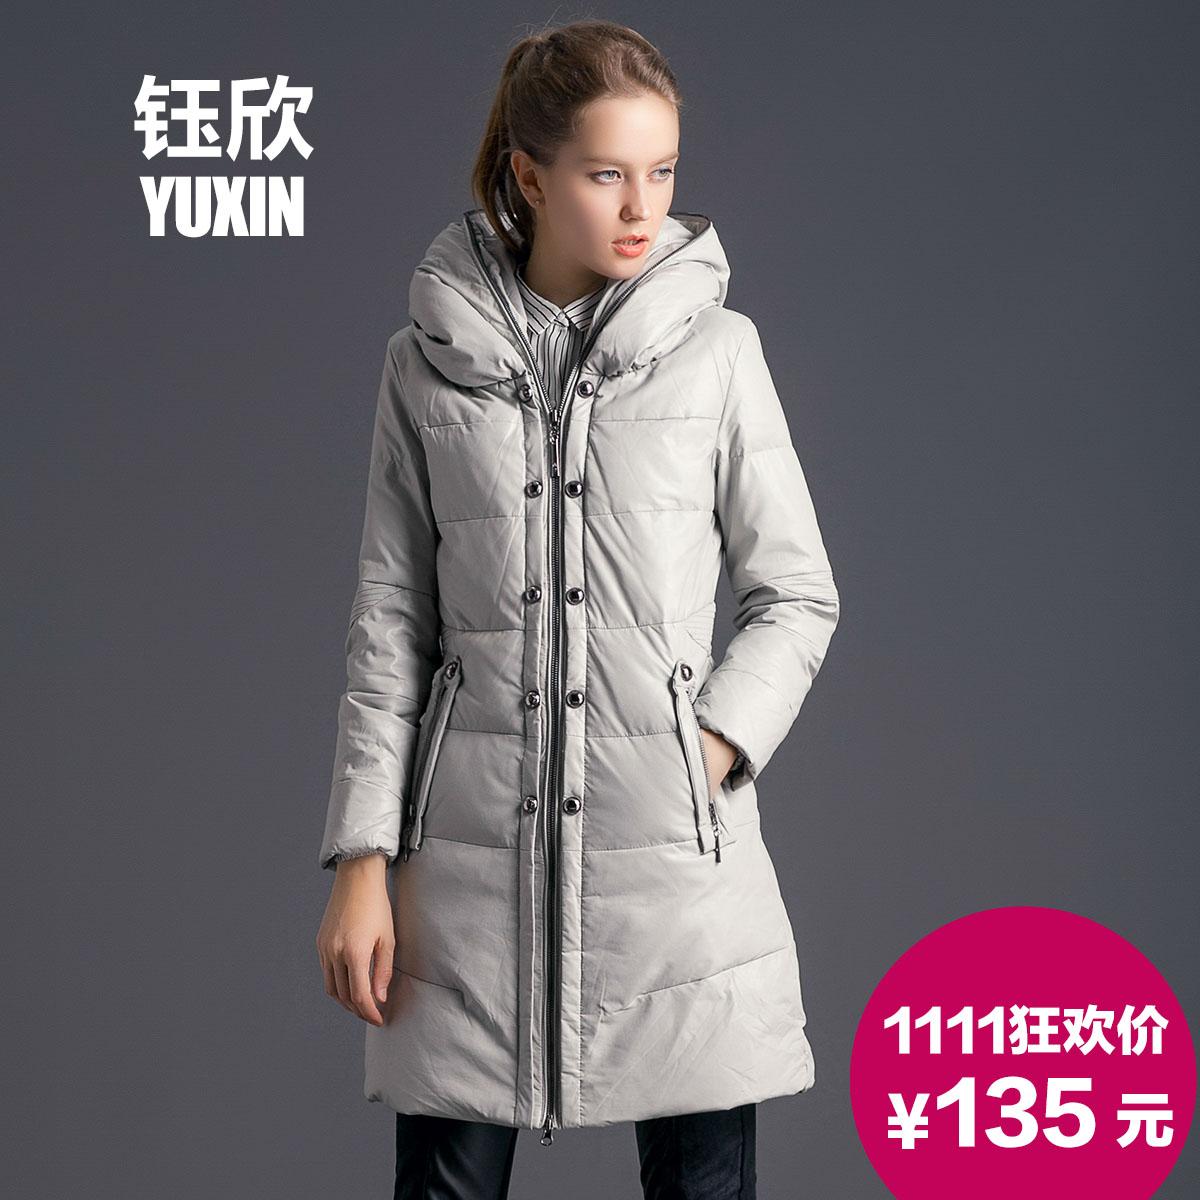 钰欣正品修身韩版通勤加厚连帽中长款PU外套特价女羽绒天猫低至